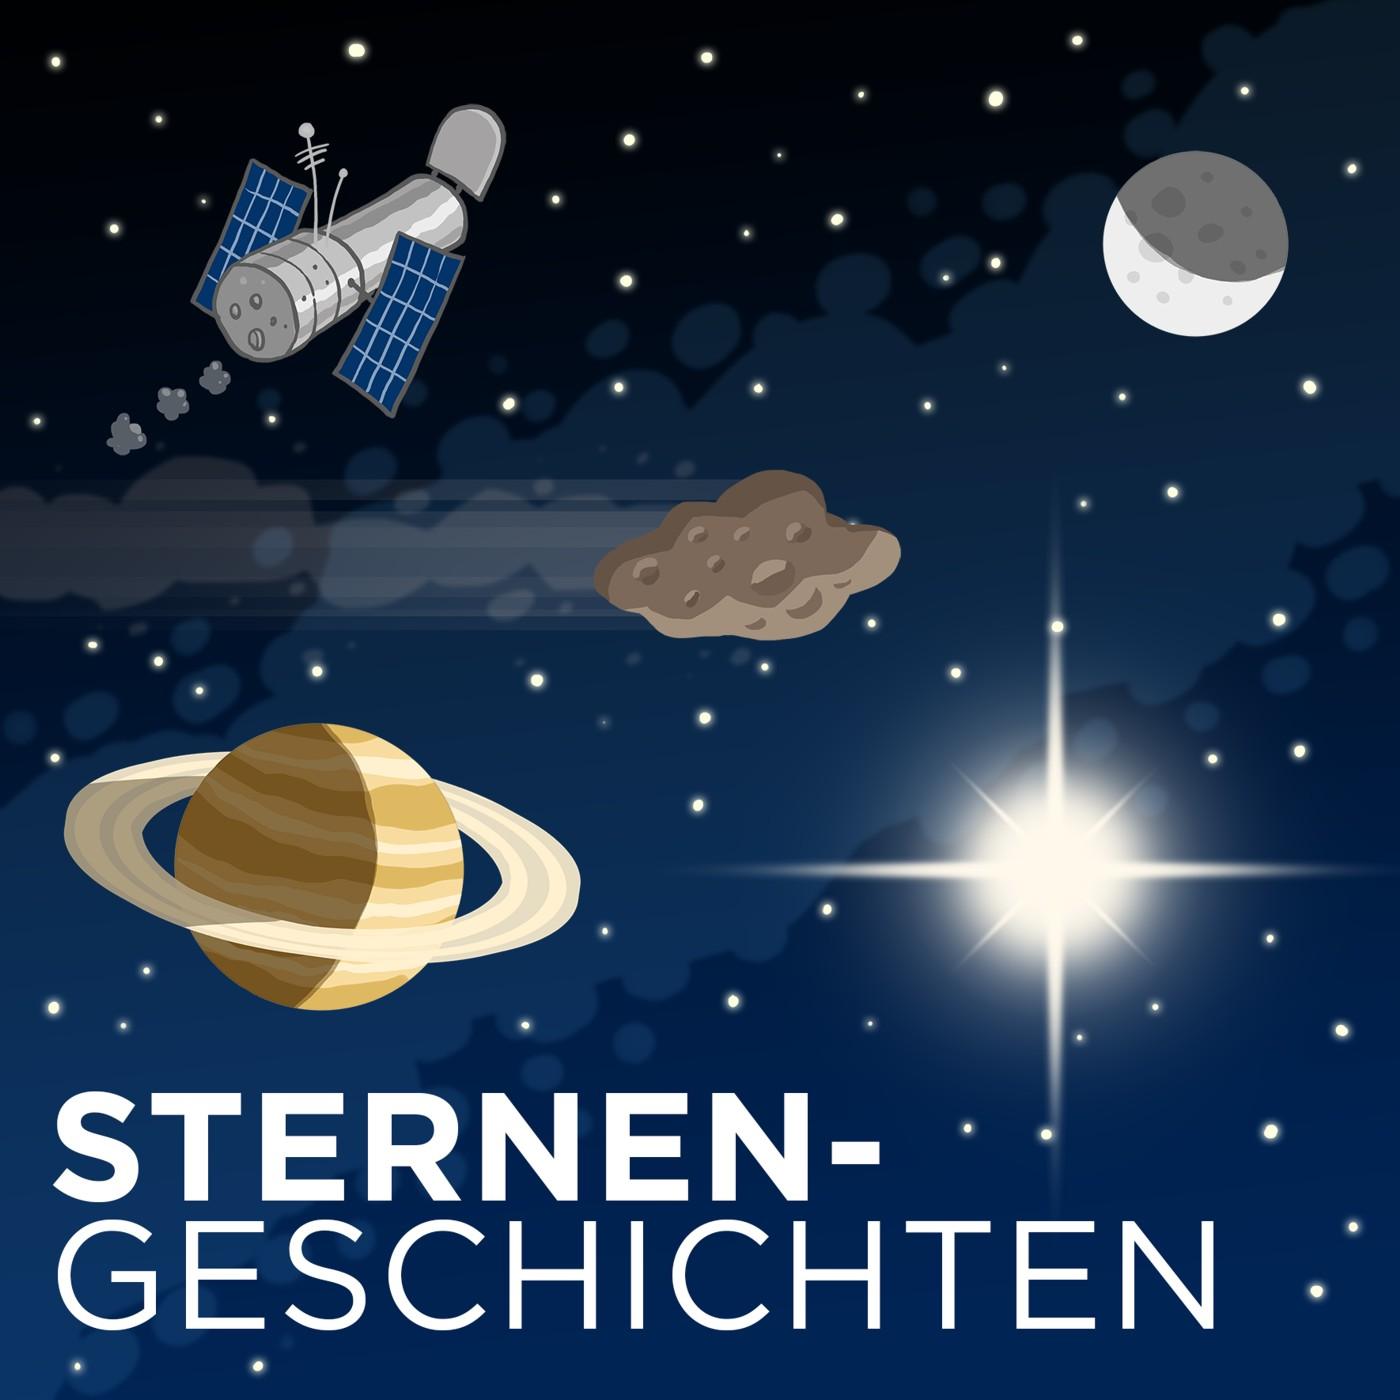 Sternengeschichten Folge 351: MOND - Die modifizierte Newtonsche Dynamik